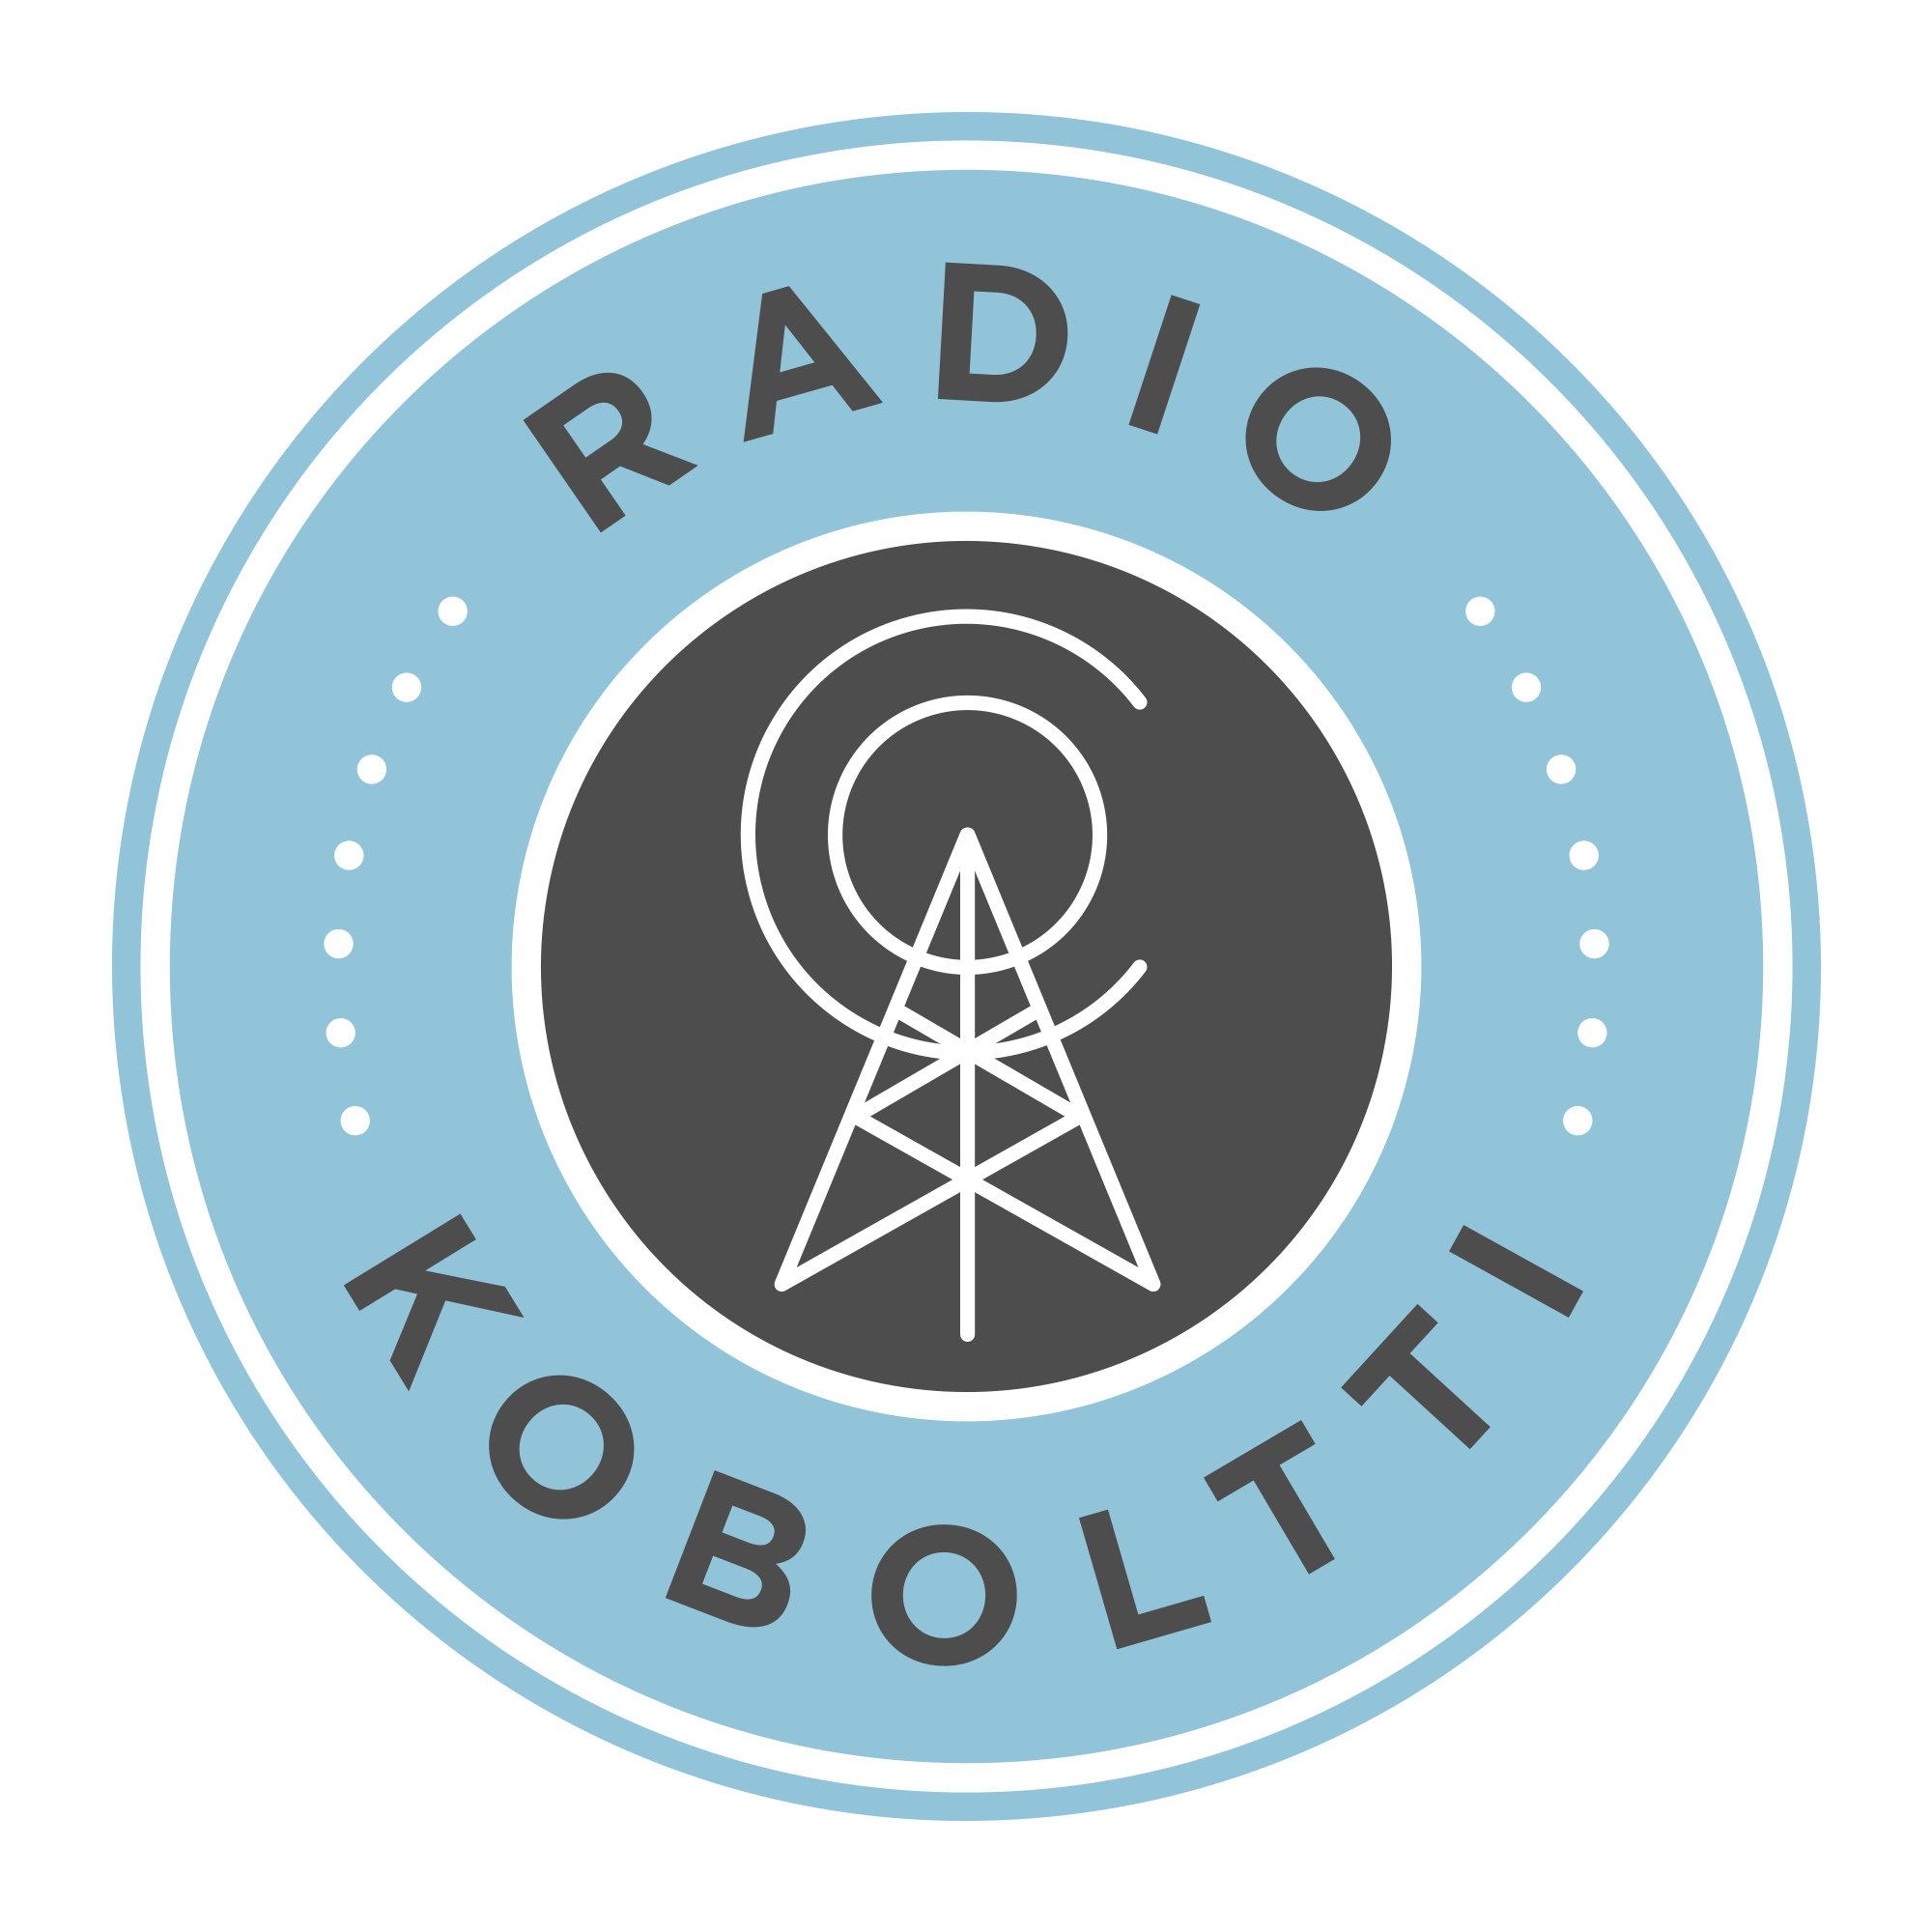 Radio Koboltti